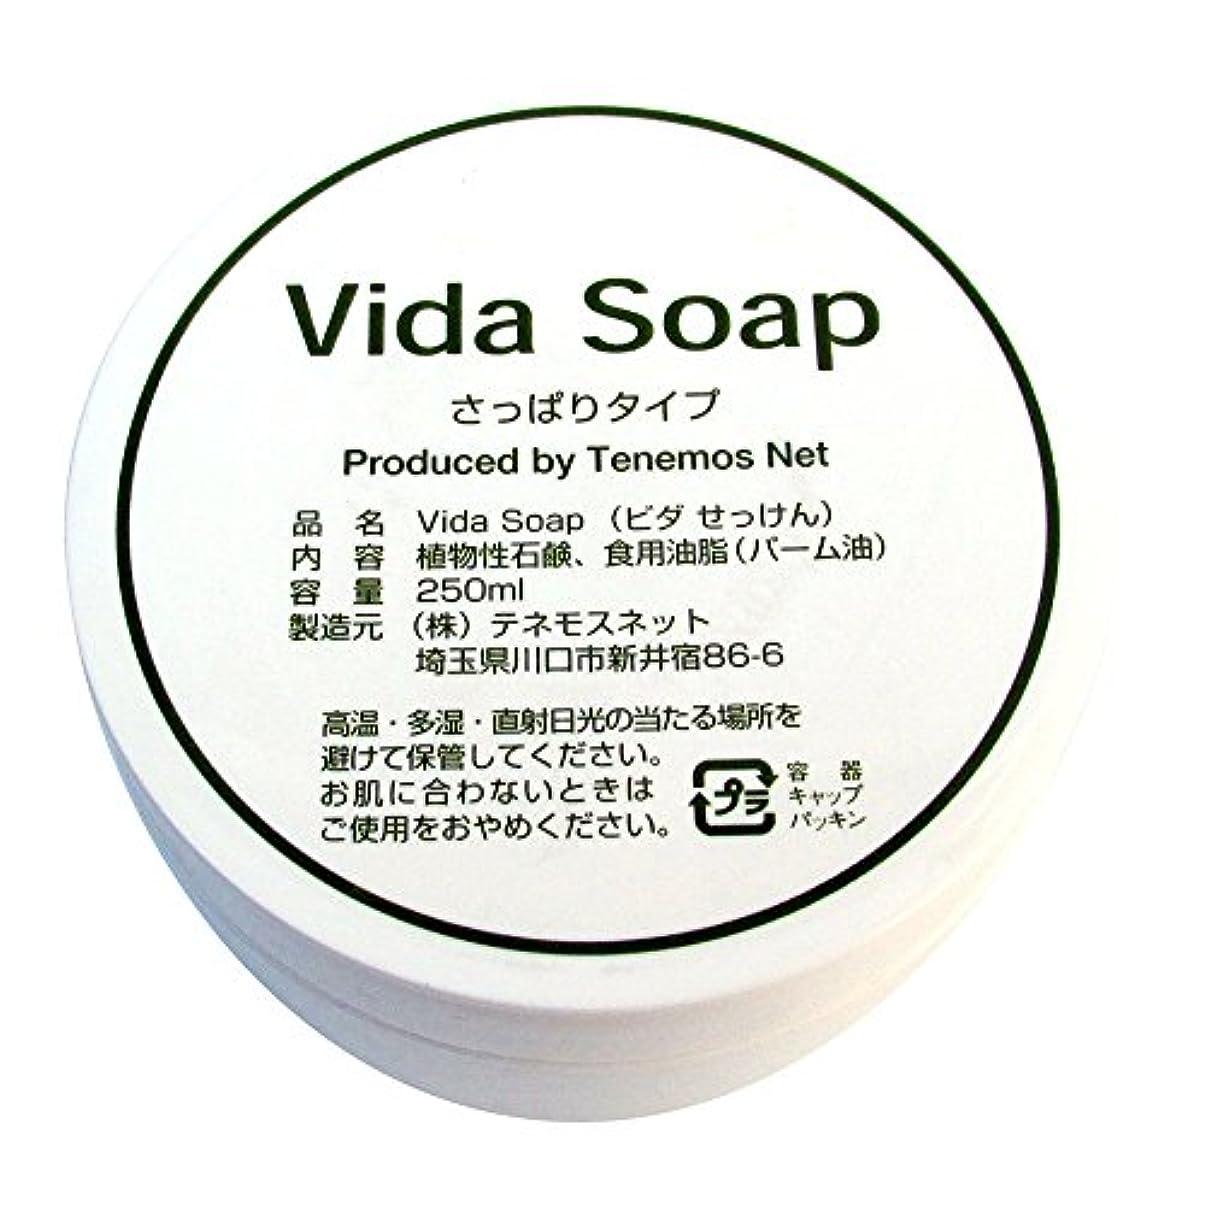 エゴイズムバーチャル従来のテネモス ビダせっけん Vida Soap さっぱりノーマル 植物性 250ml